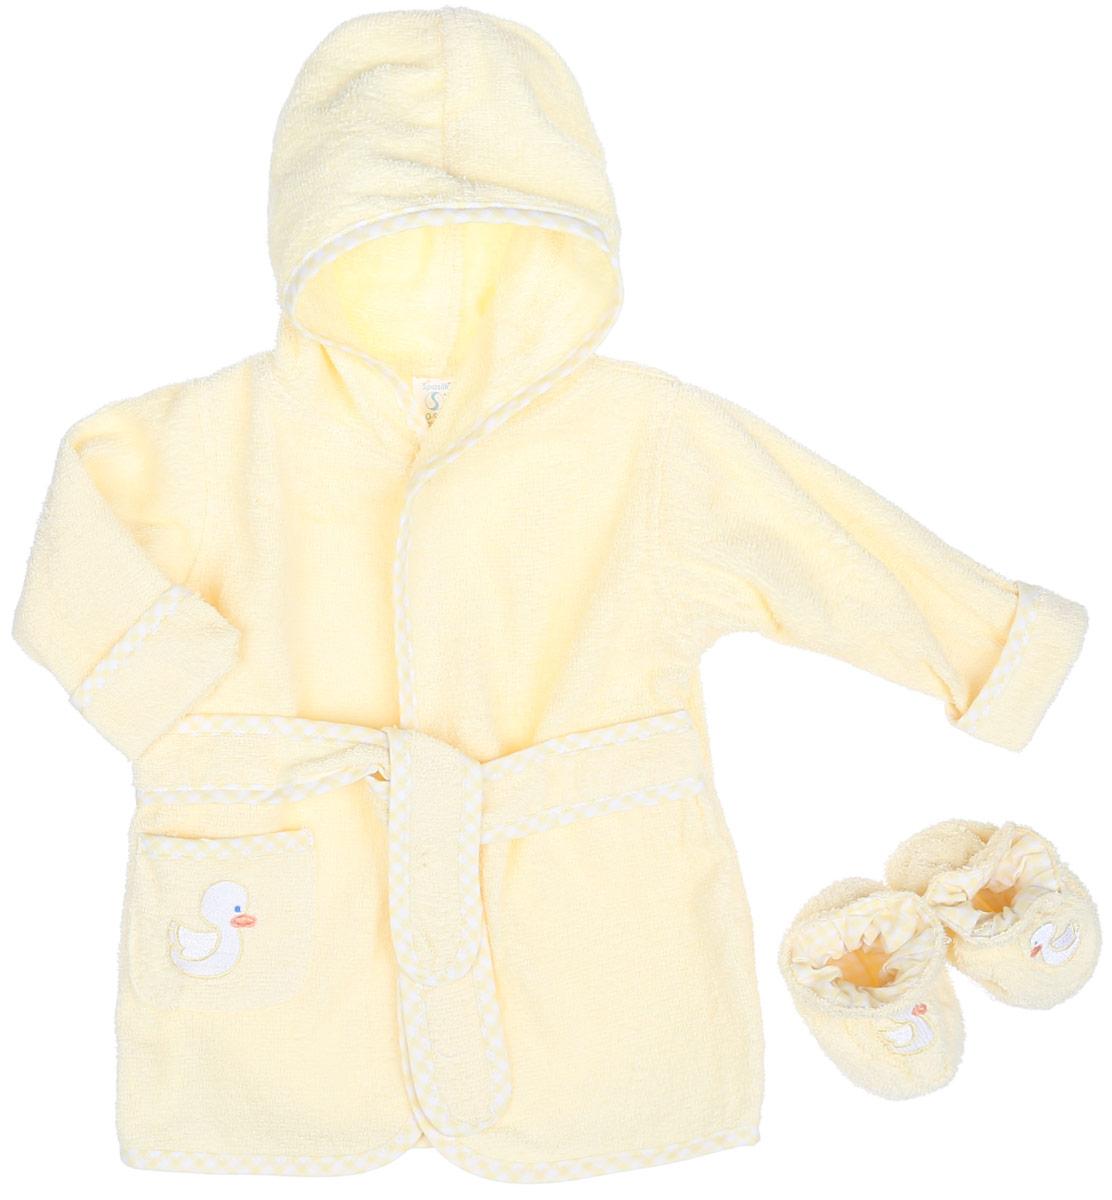 Комплект детский Spasilk Уточка: халат, пинетки, цвет: светло-желтый. 300-104. Размер 0-9 месяцев300-104Очаровательный комплект одежды Spasilk Уточка состоит из халатика и пинеток. Комплект изготовлен из мягкой махровой ткани, которая отлично поглощает воду, массирует кожу, улучшая кровообращение, позволяет телу дышать. Изделие легкое и тактильно приятное. Уютный халат с капюшоном и длинными рукавами дополнен поясом на талии. На рукавах имеются декоративные отвороты. Спереди расположен накладной кармашек. Края изделия оформлены принтованной окантовкой. Модель украшена аппликацией в виде уточки.На пинетках предусмотрена легкая хлопковая подкладка, оформленная принтом в клетку. Пинетки присборены на мягкие эластичные резинки для фиксации на ножках малыша.Такой комплект одежды станет идеальным дополнением к детскому гардеробу. Мягкий махровый халатик и удобные пинетки защитят малыша от охлаждения после водных процедур.